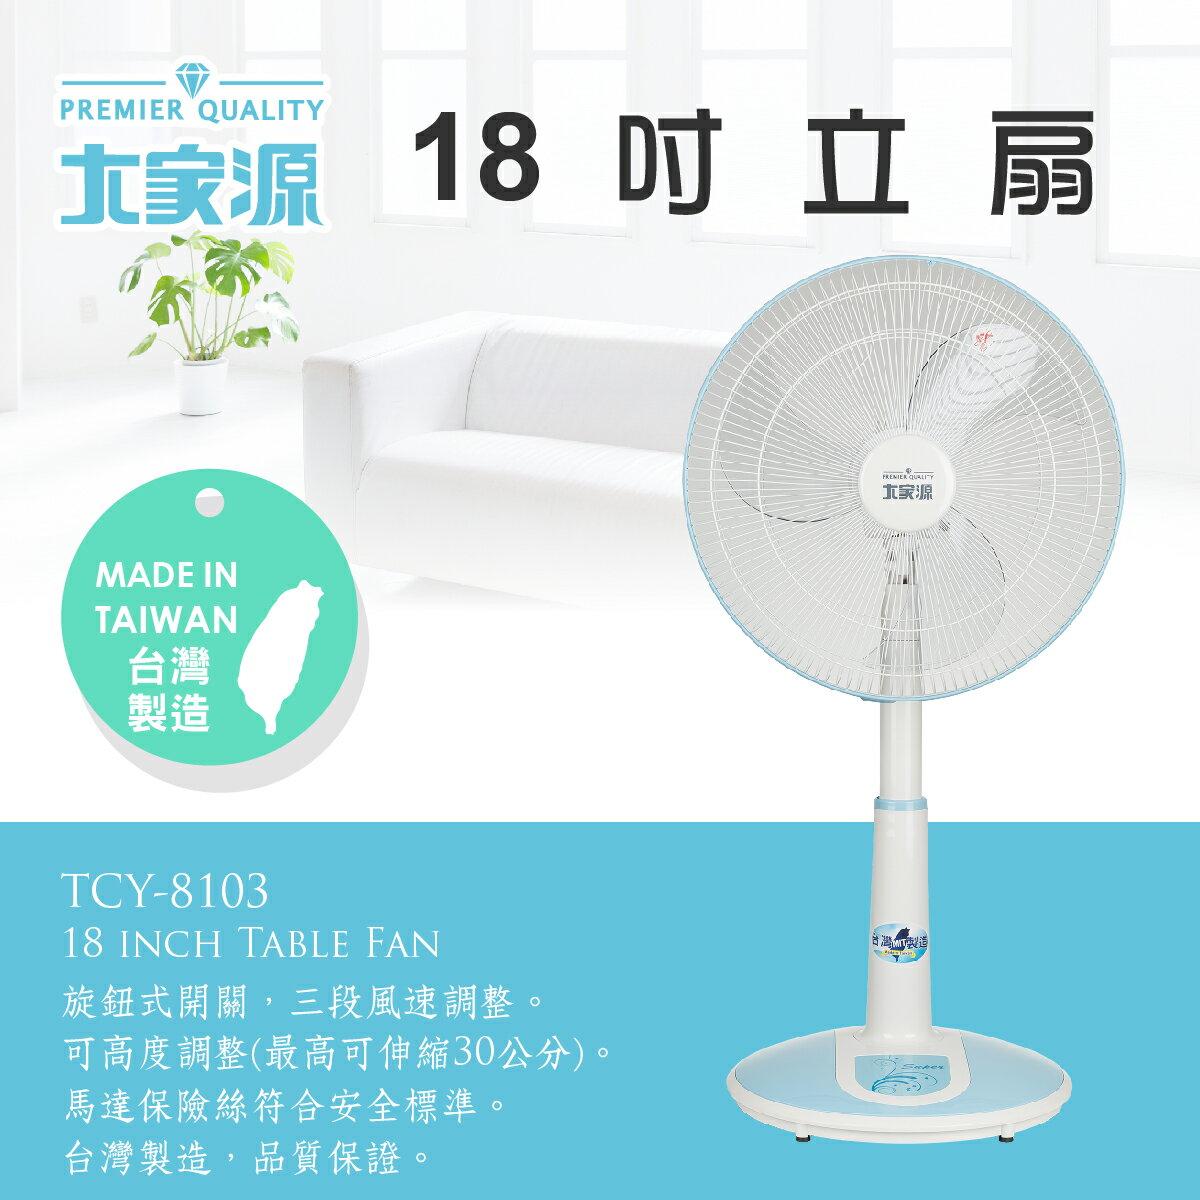 🔥現貨 / 免運🚚※免運喔🔥大家源 18吋立扇 / 電風扇 TCY-8103 2